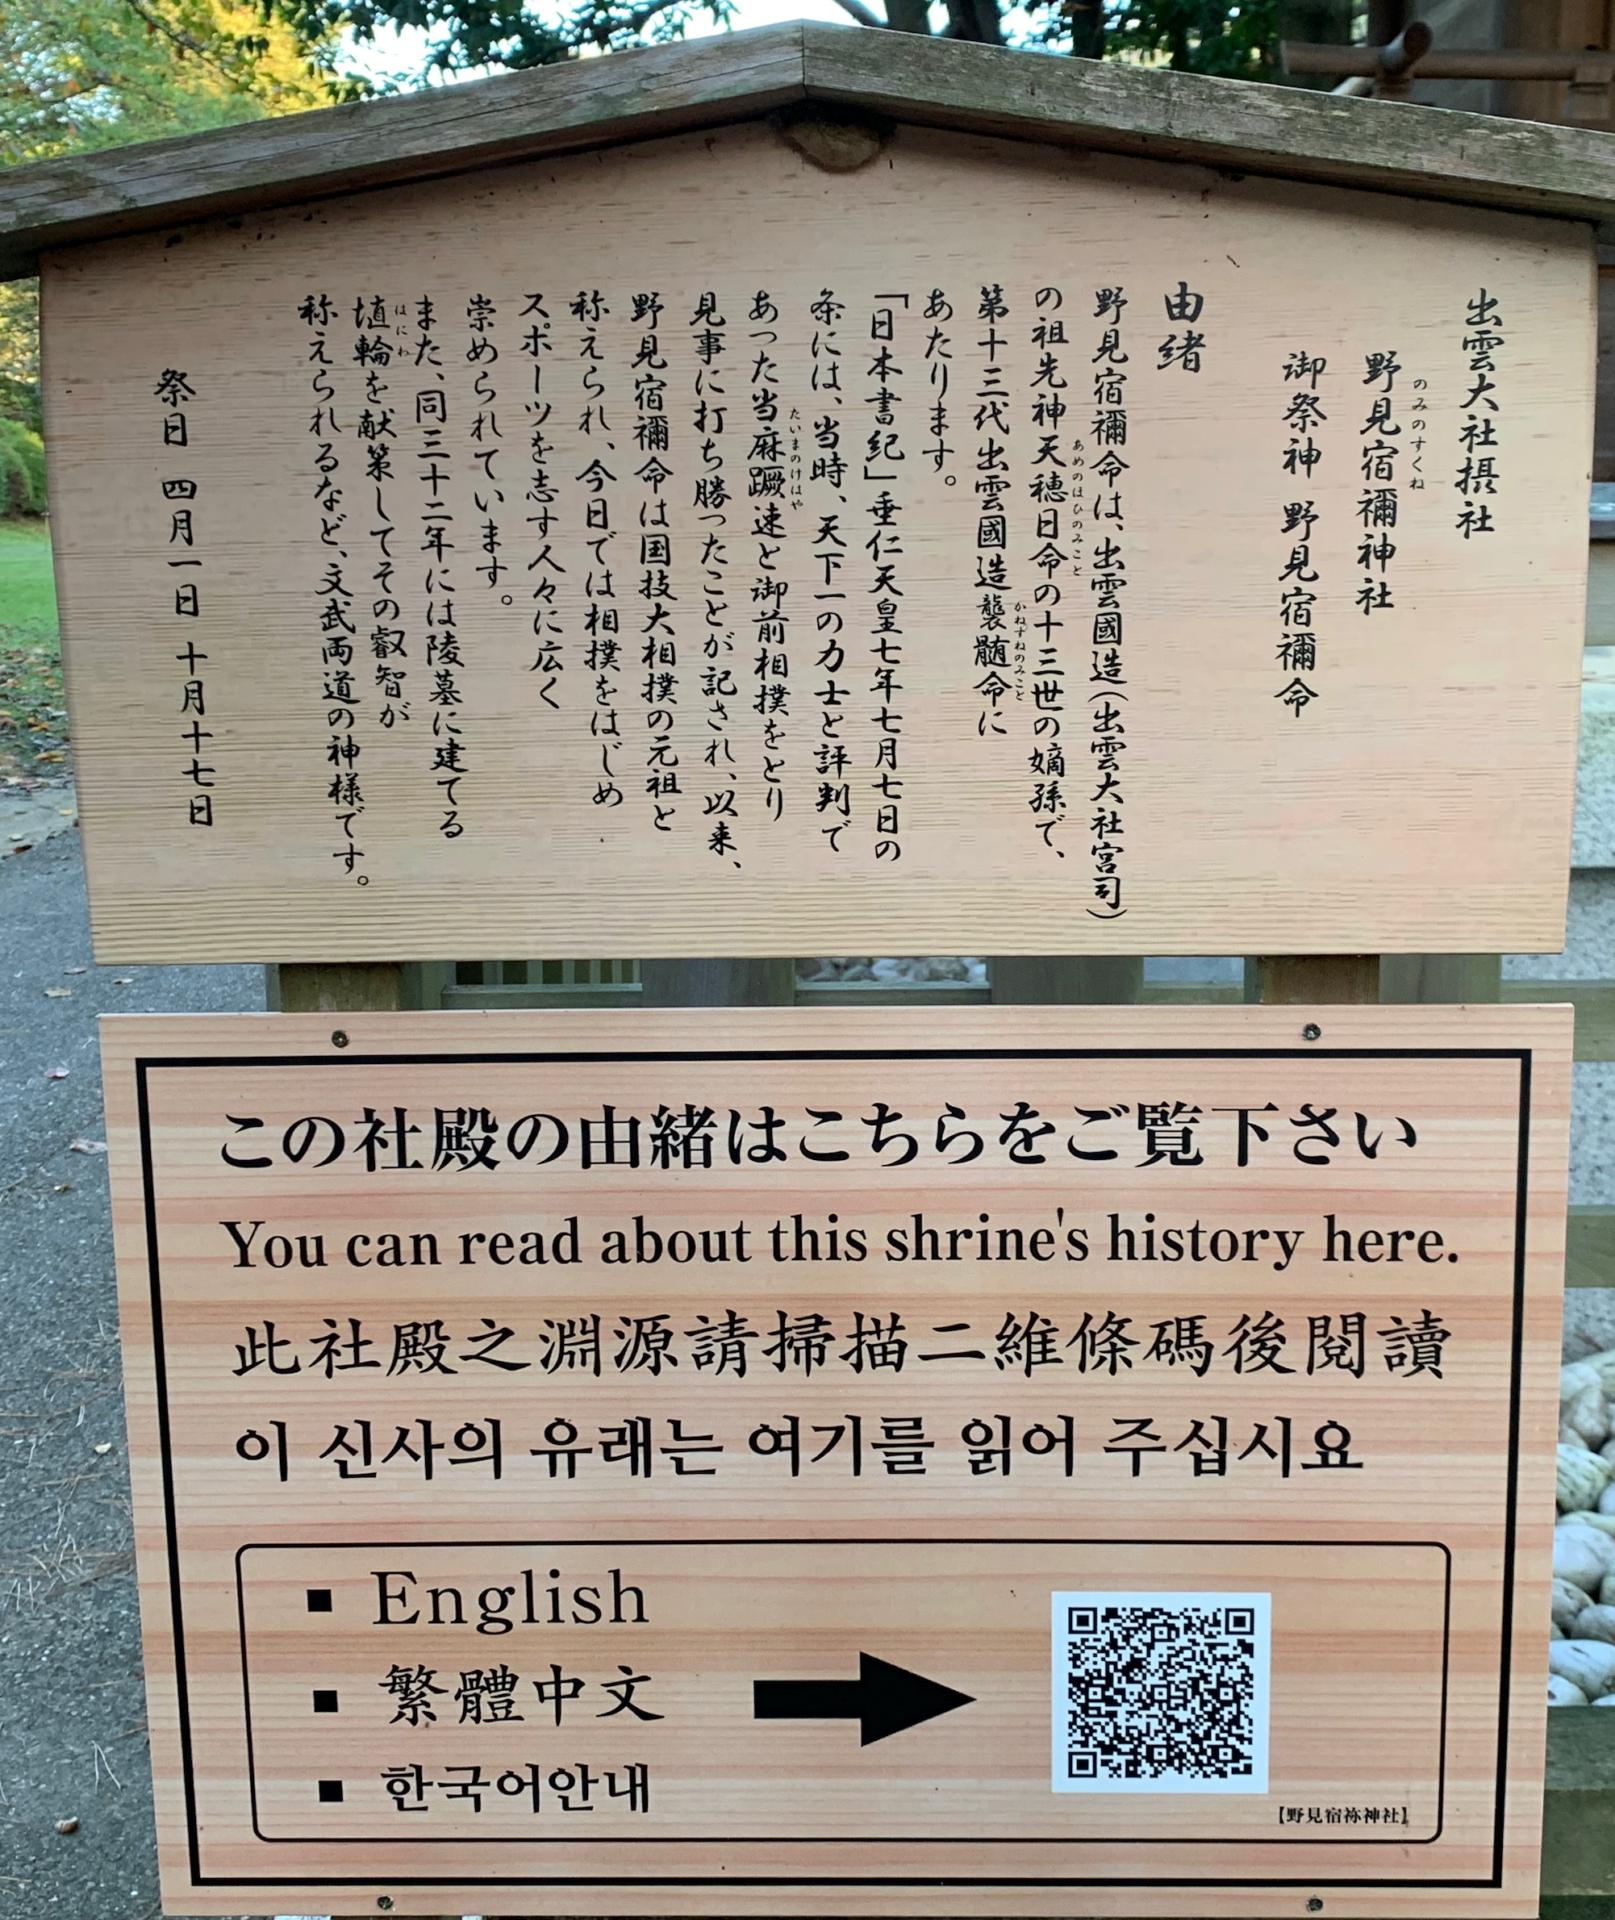 野見宿禰神社の案内